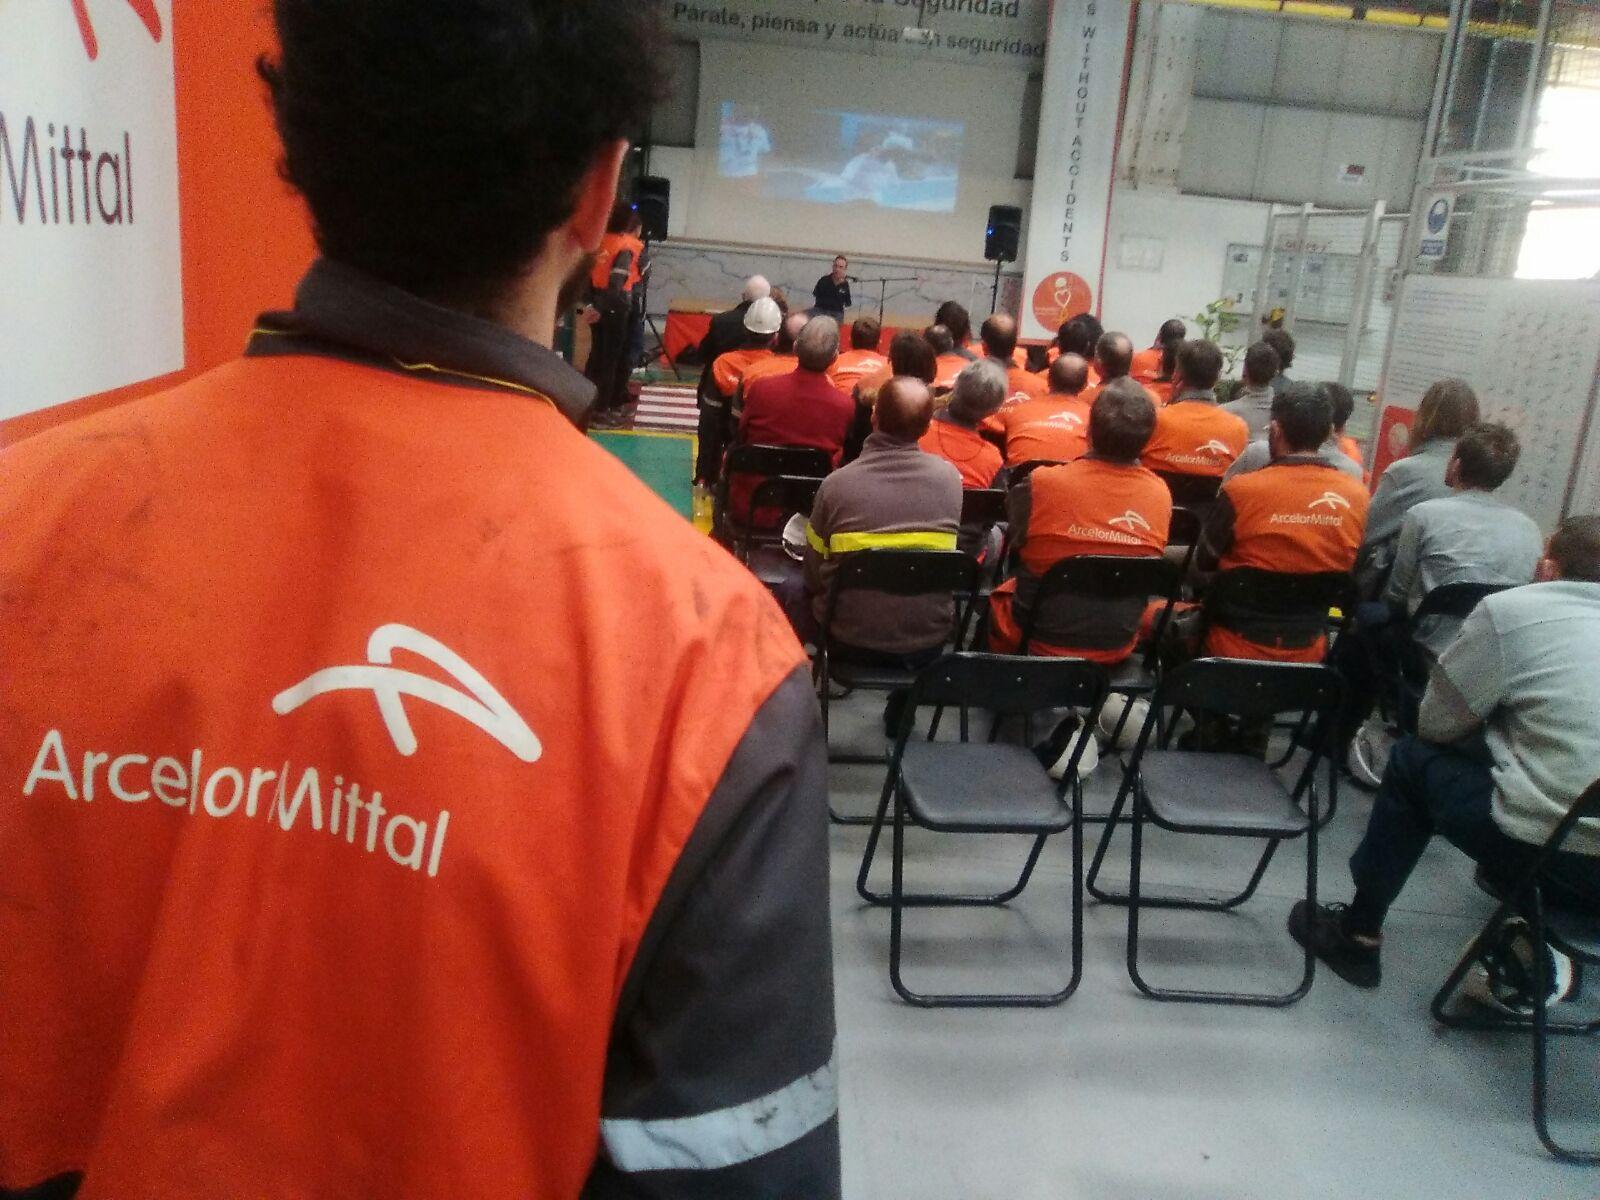 Conferencia De los pies a la cabeza en Arcelor Mittal